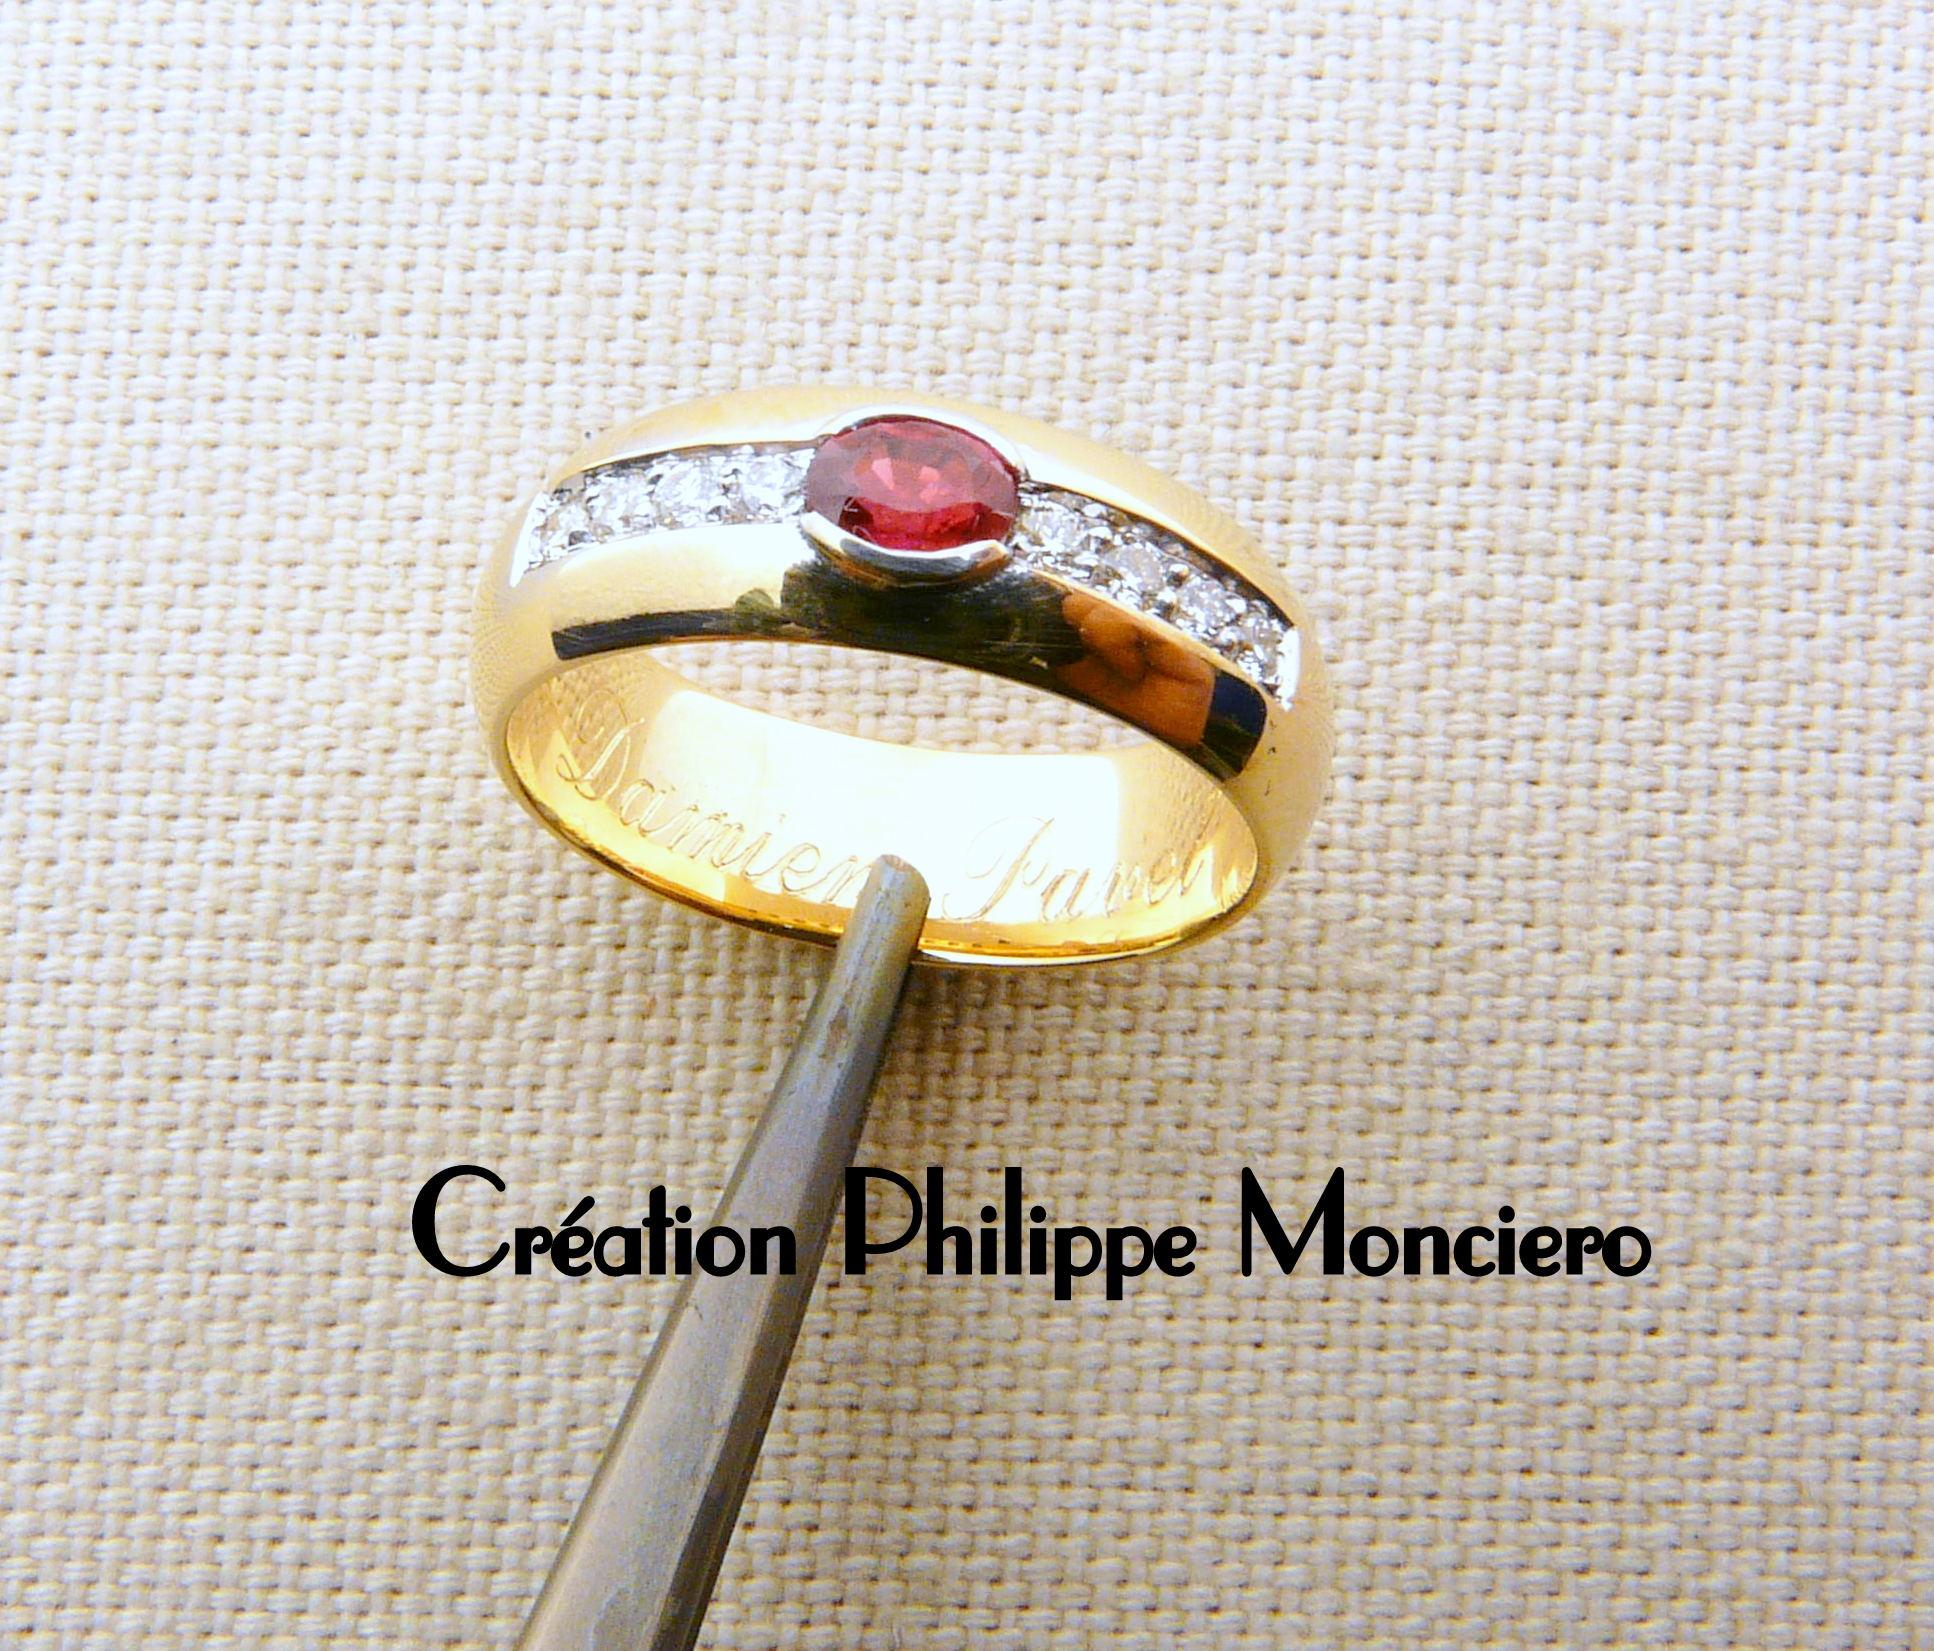 Bague rubis et diamants sur or jaune. Monciero - Nîmes